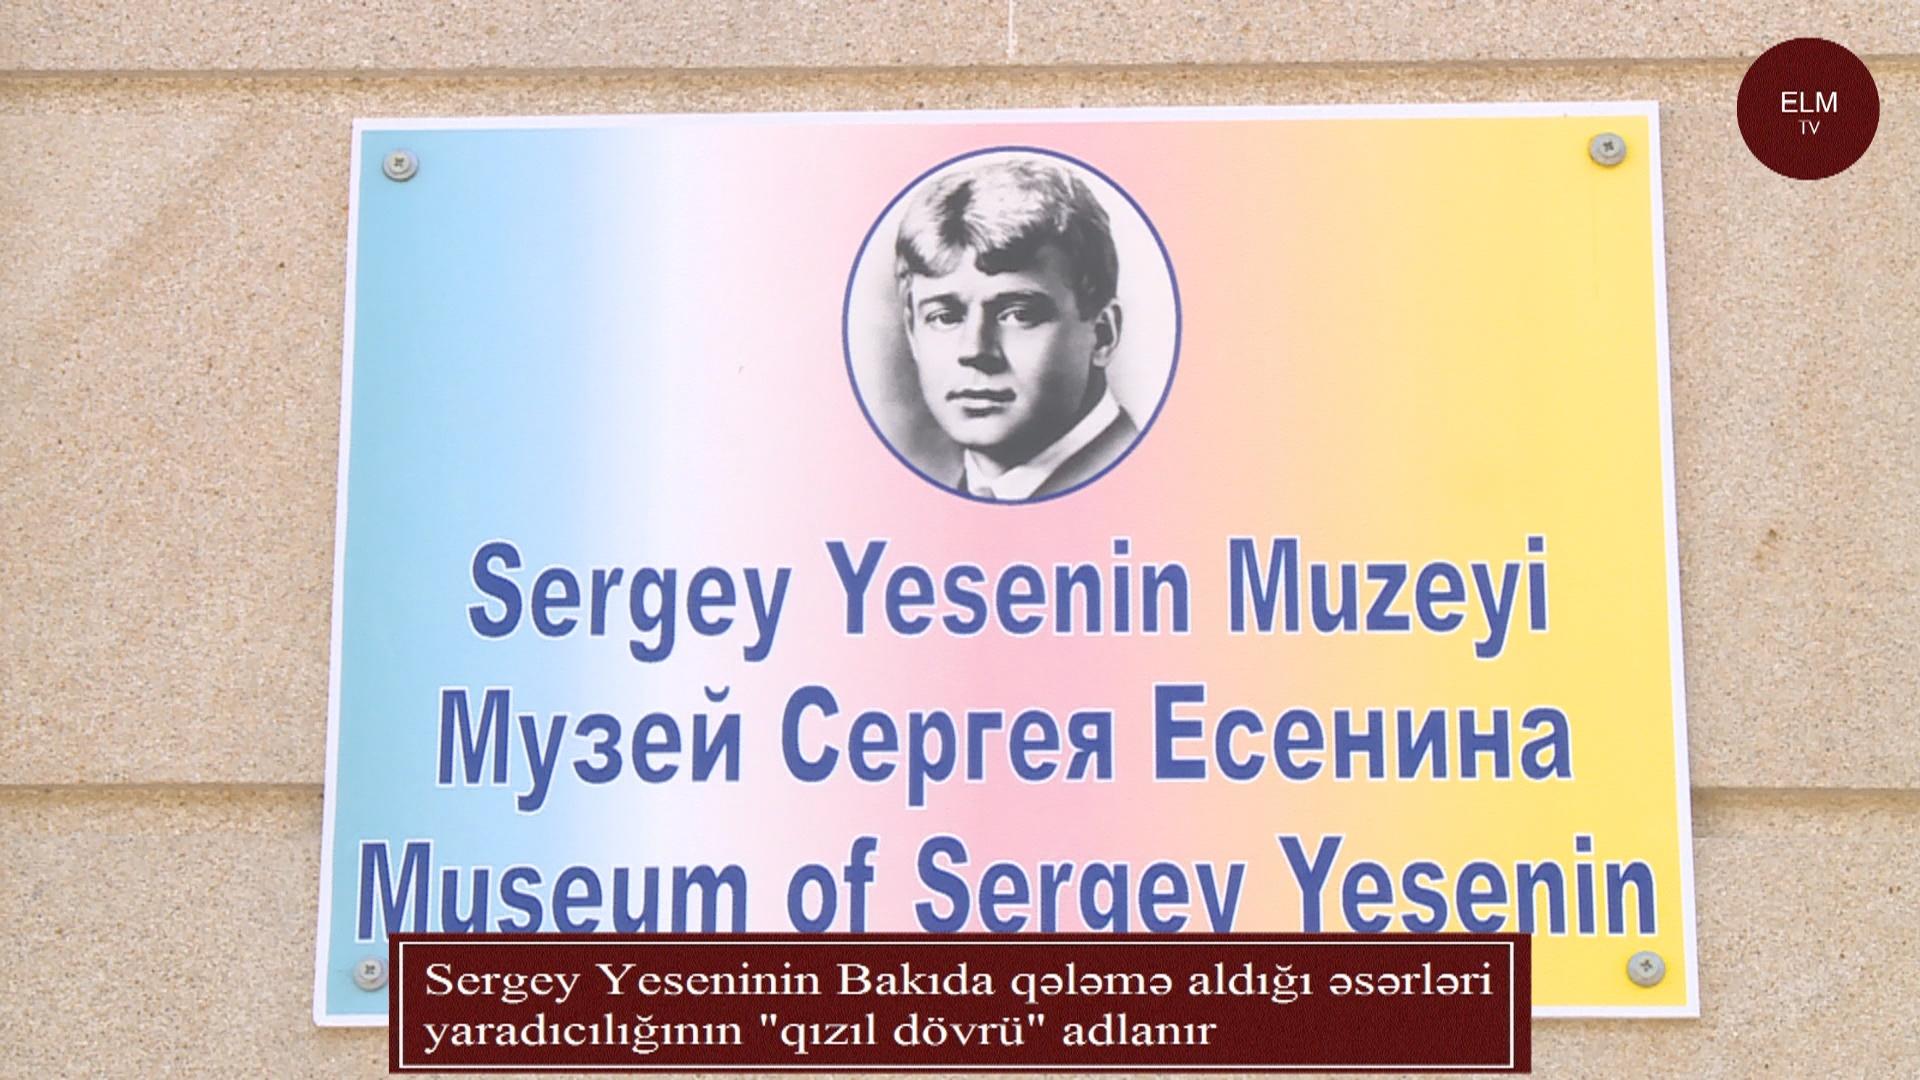 Sergey Yeseninin Bakıda qələmə aldığı əsərləri yaradıcılığının qızıl dövrü adlanır